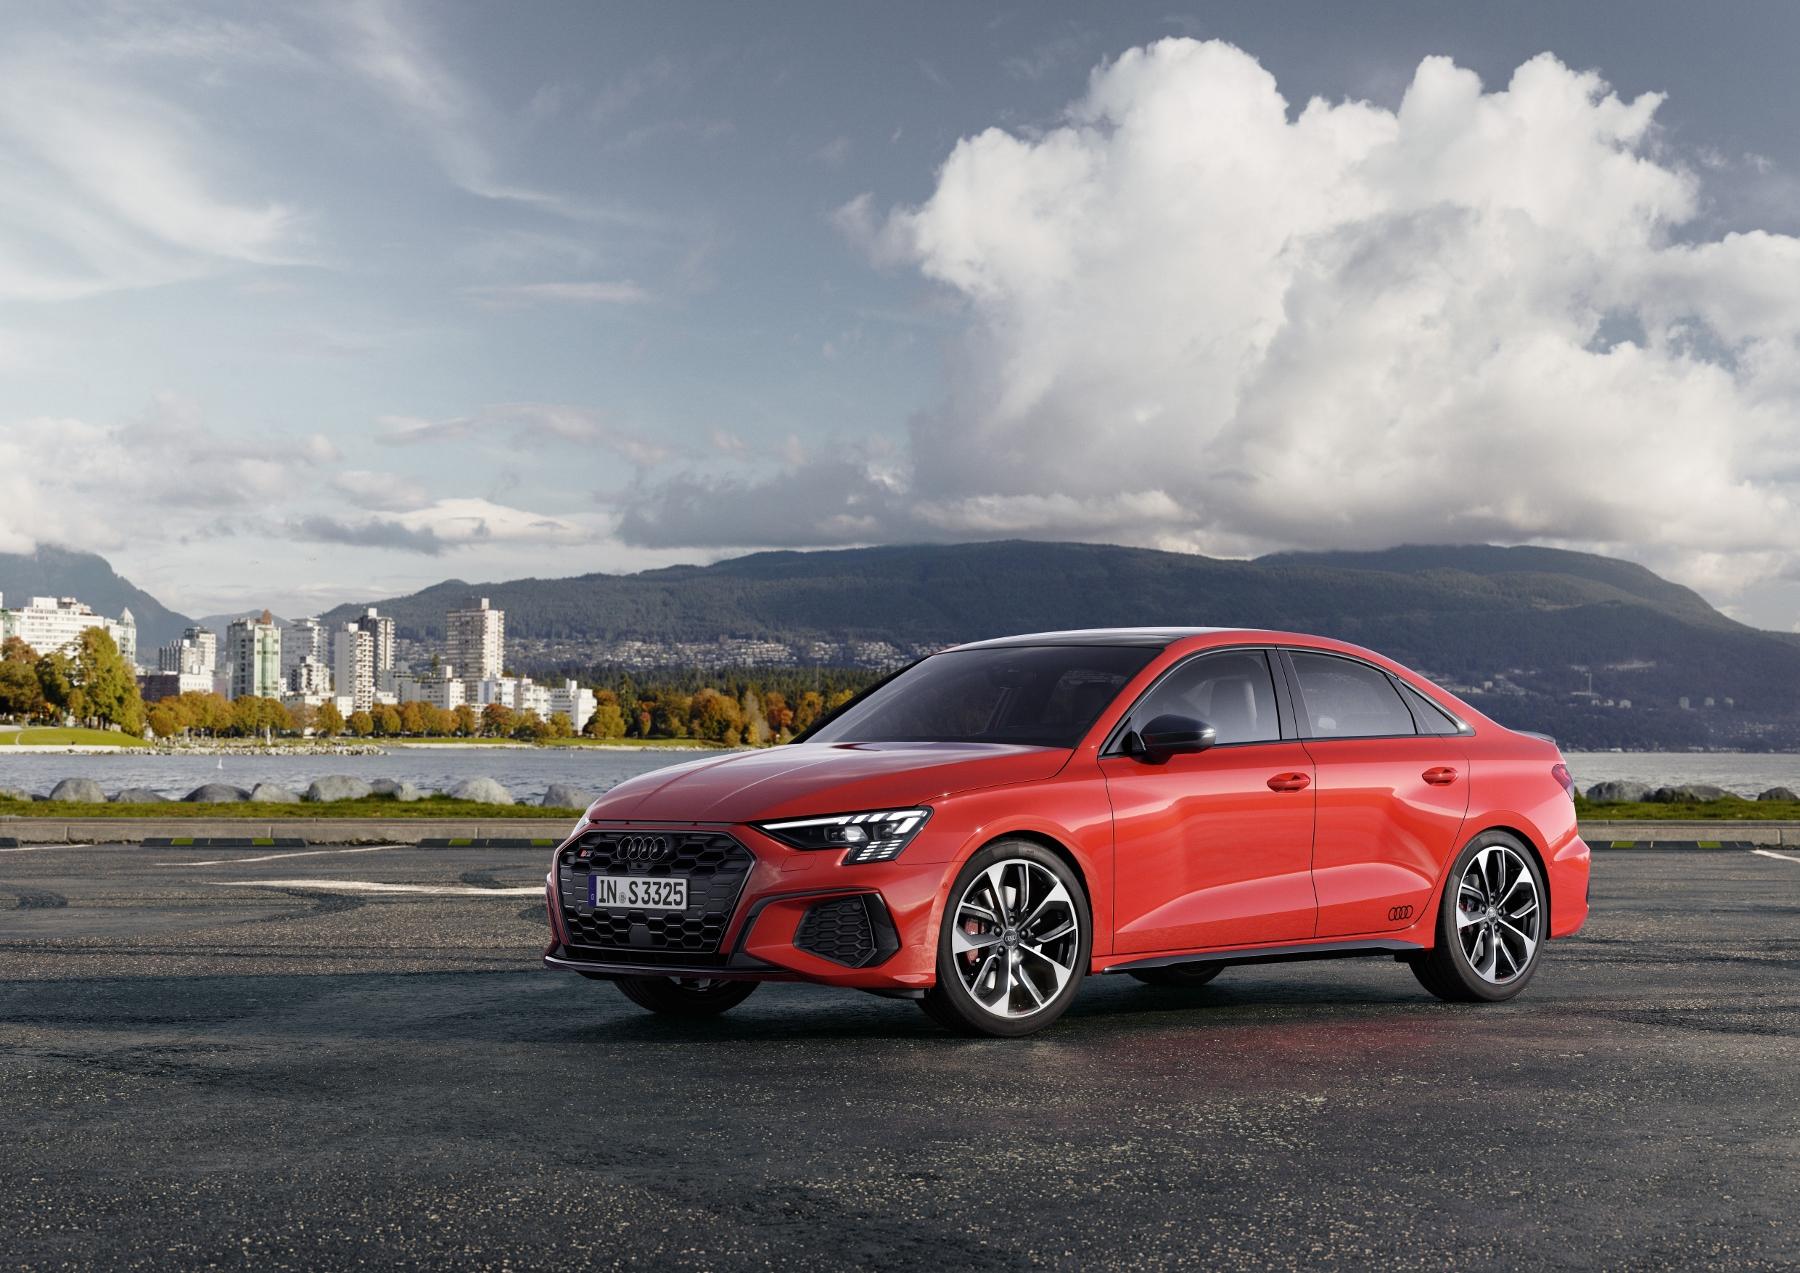 Audi ukázalo modely S3 Sedan a Sportback. Prezradilo aj nemeckú cenu z6YQpoo4OV a204371large-1800x12